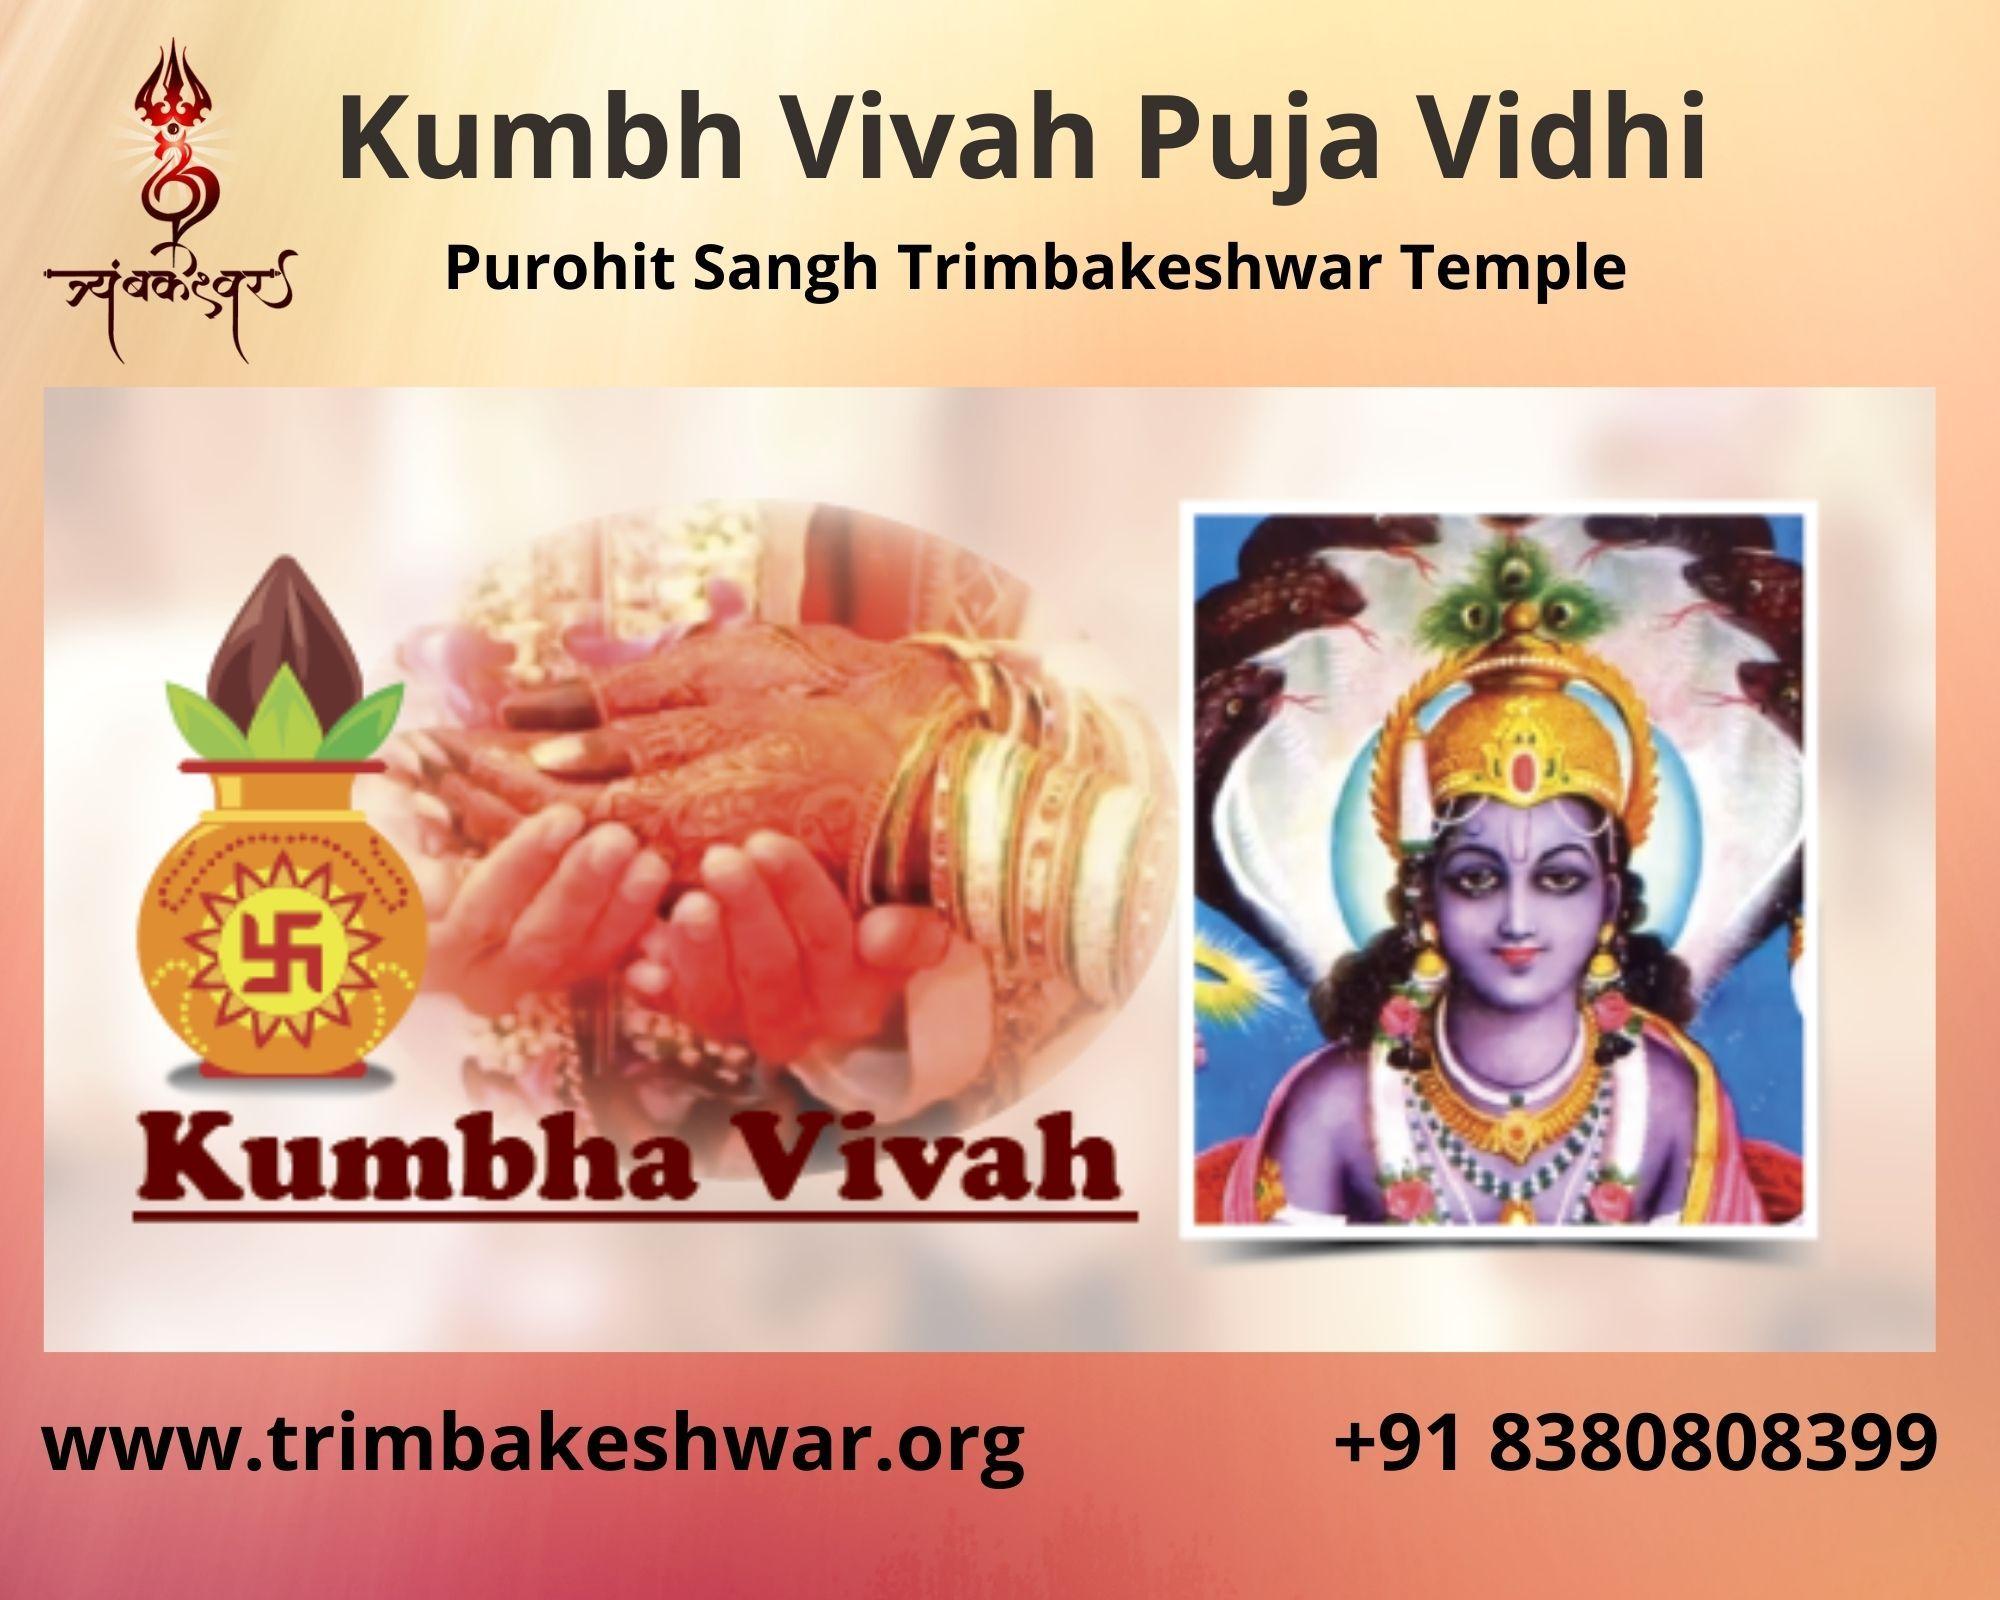 What is Kumbh Vivah Puja Vidhi?